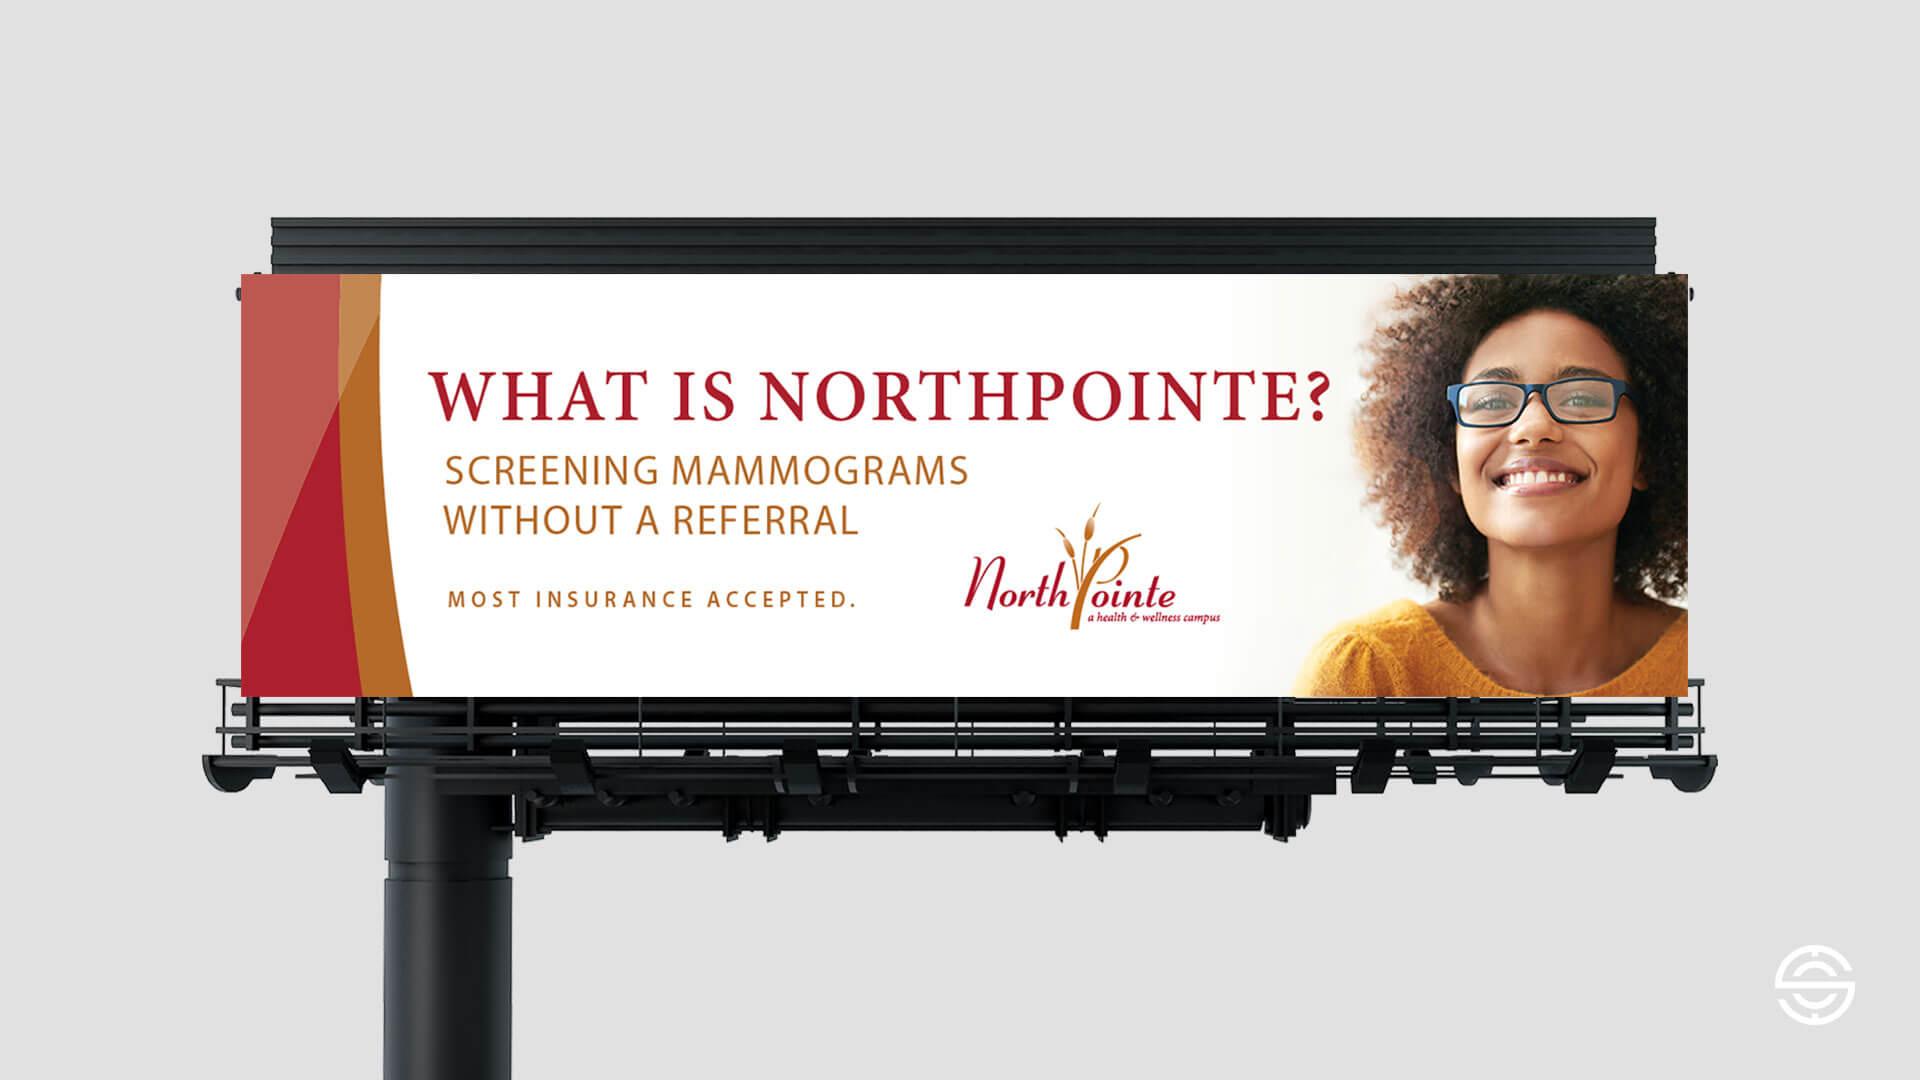 np-whatis-mammograms-billboard.jpg